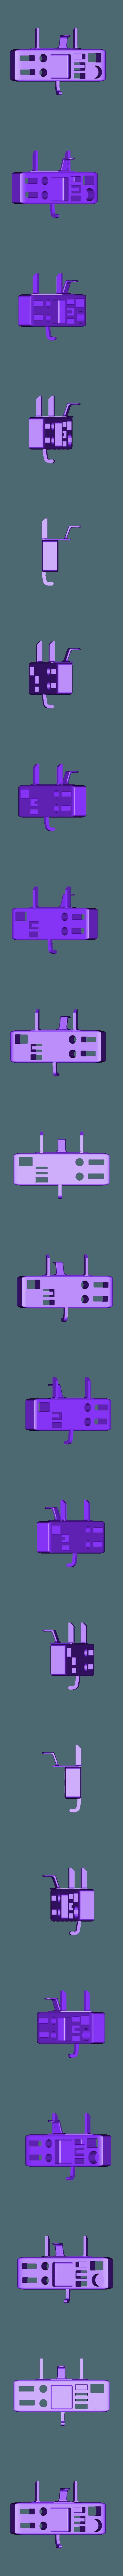 FlashForgeToolCaddy-Fixed.stl Télécharger fichier STL gratuit Outil Caddy pour Flash Forge Creator Pro Modèle FFCP 2016 • Objet imprimable en 3D, MeesterEduard